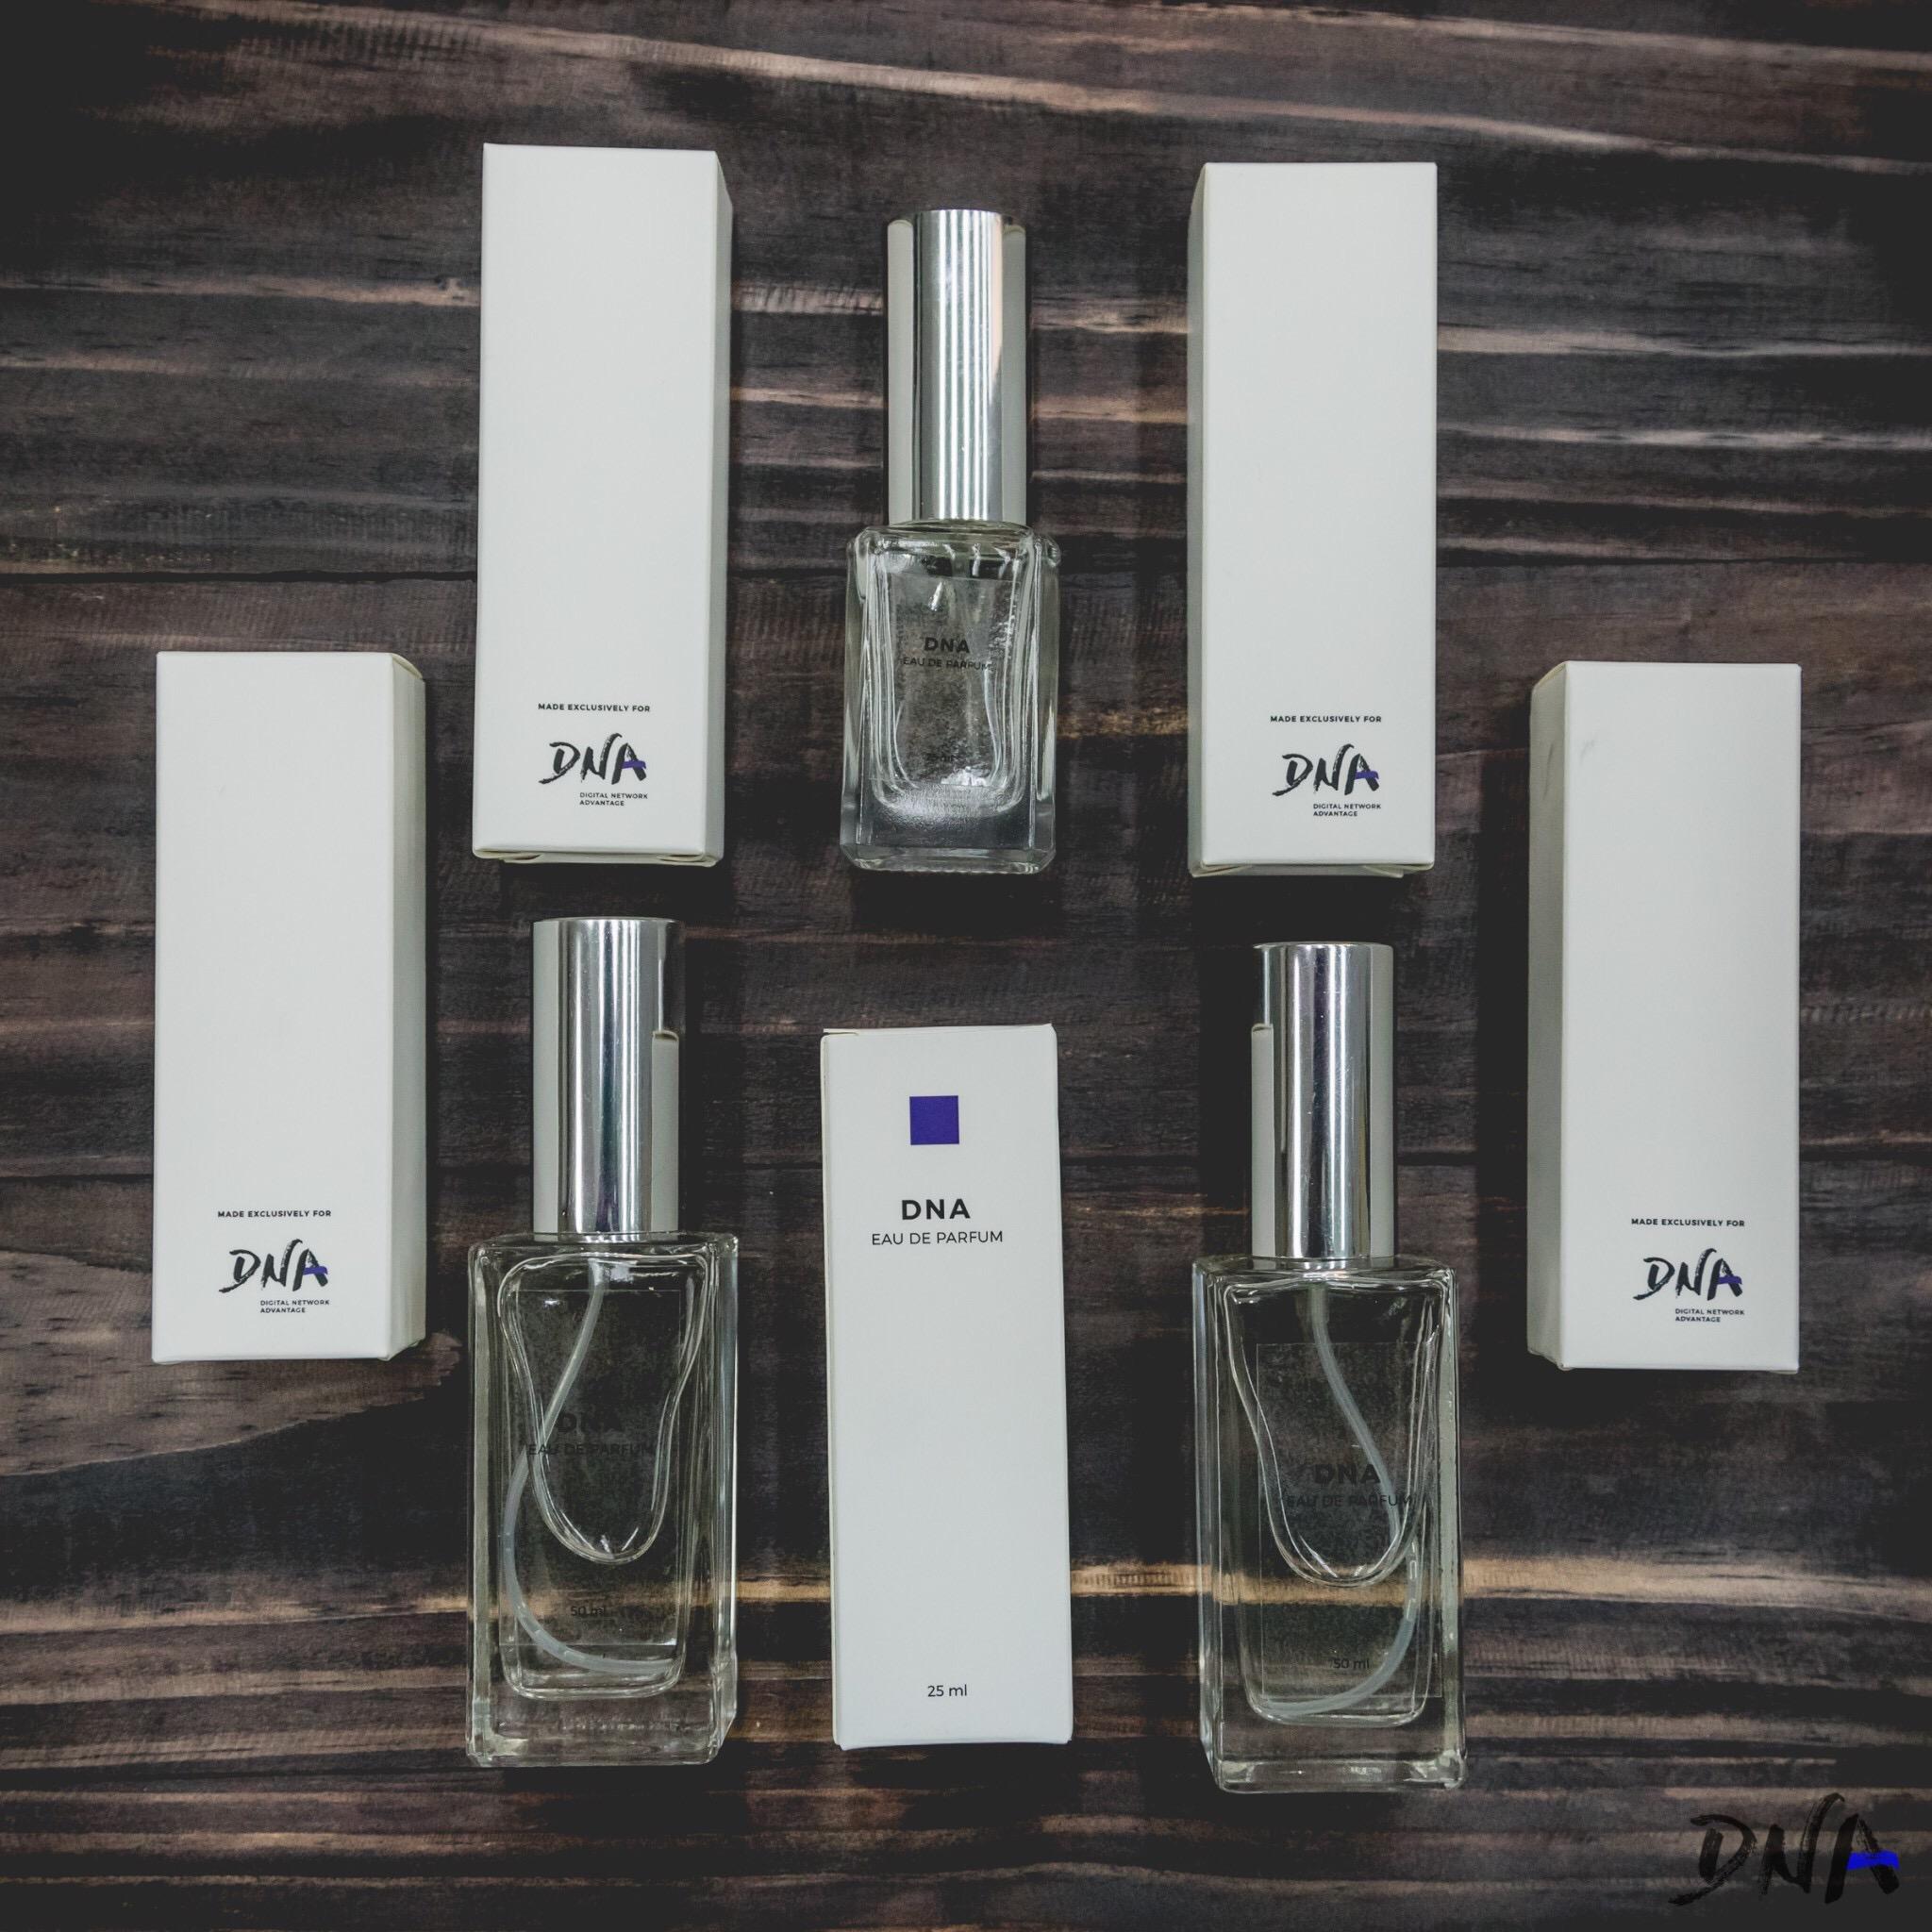 หลักสูตร DNAbySPU #DNAjournal EP.1, คุณก้อย ชลิดา คุณาลัย ,นักออกแบบกลิ่น ,Why Smell is More Important Than You Think ,กลิ่น สะกดจิต เพราะกลิ่นมีความหมาย ,คณะบริหารธุรกิจ มหาวิทยาลัยศรีปทุม